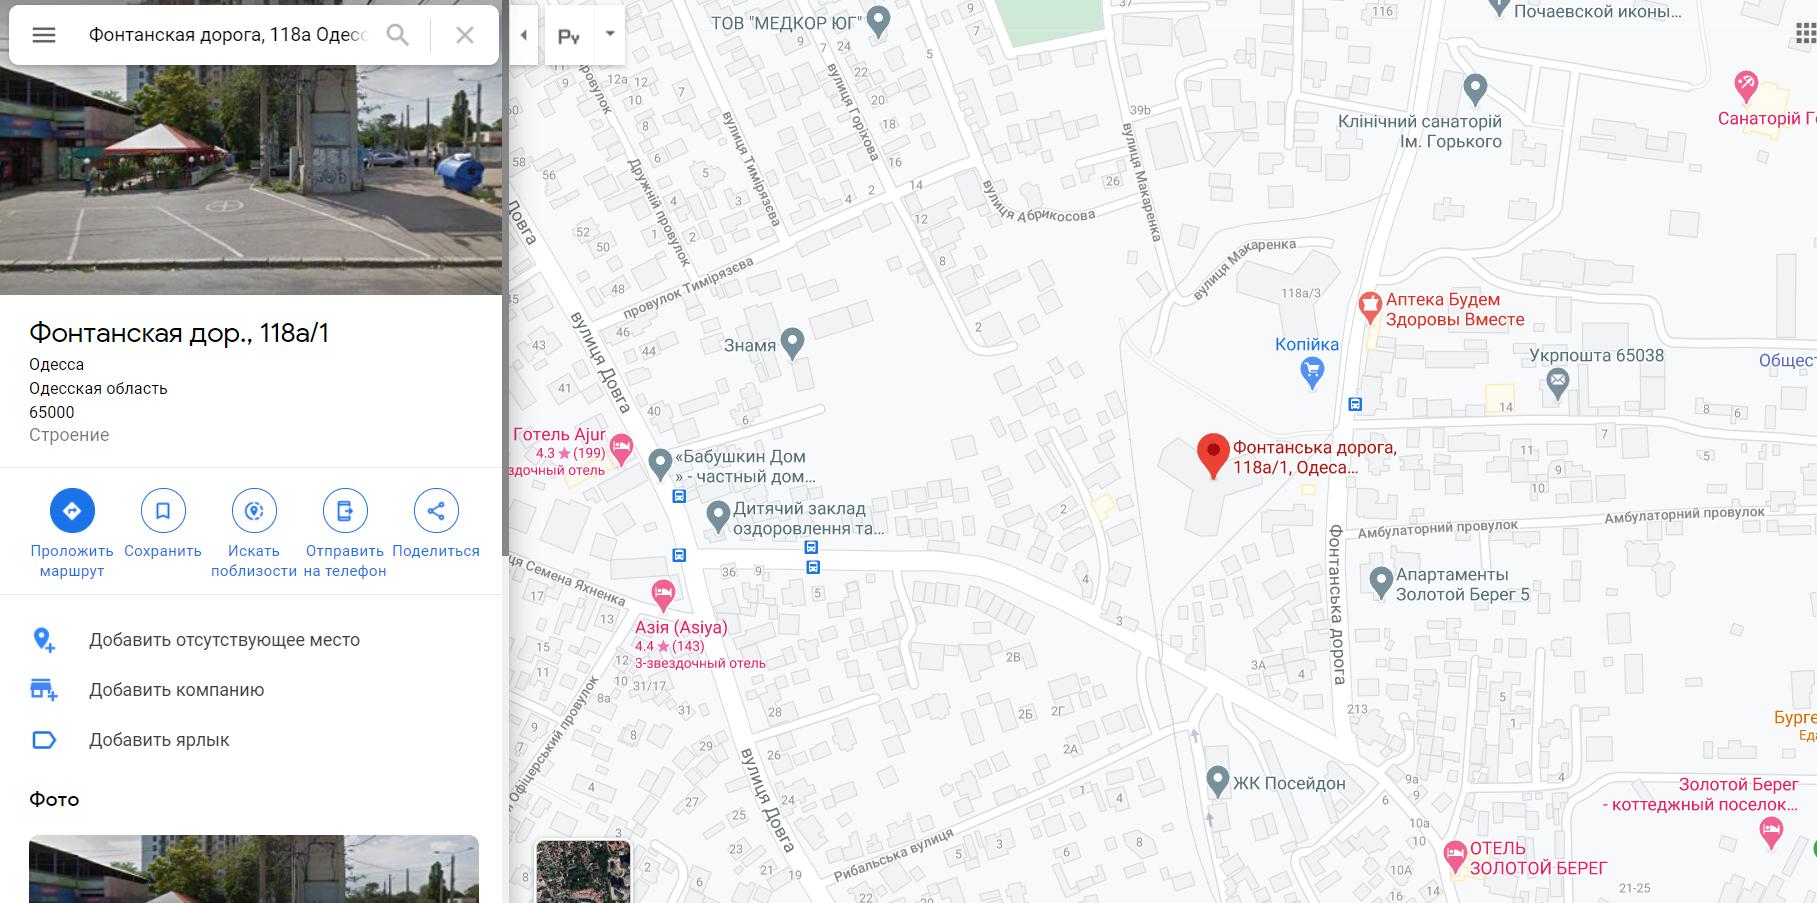 Місце НП на мапі Одеси